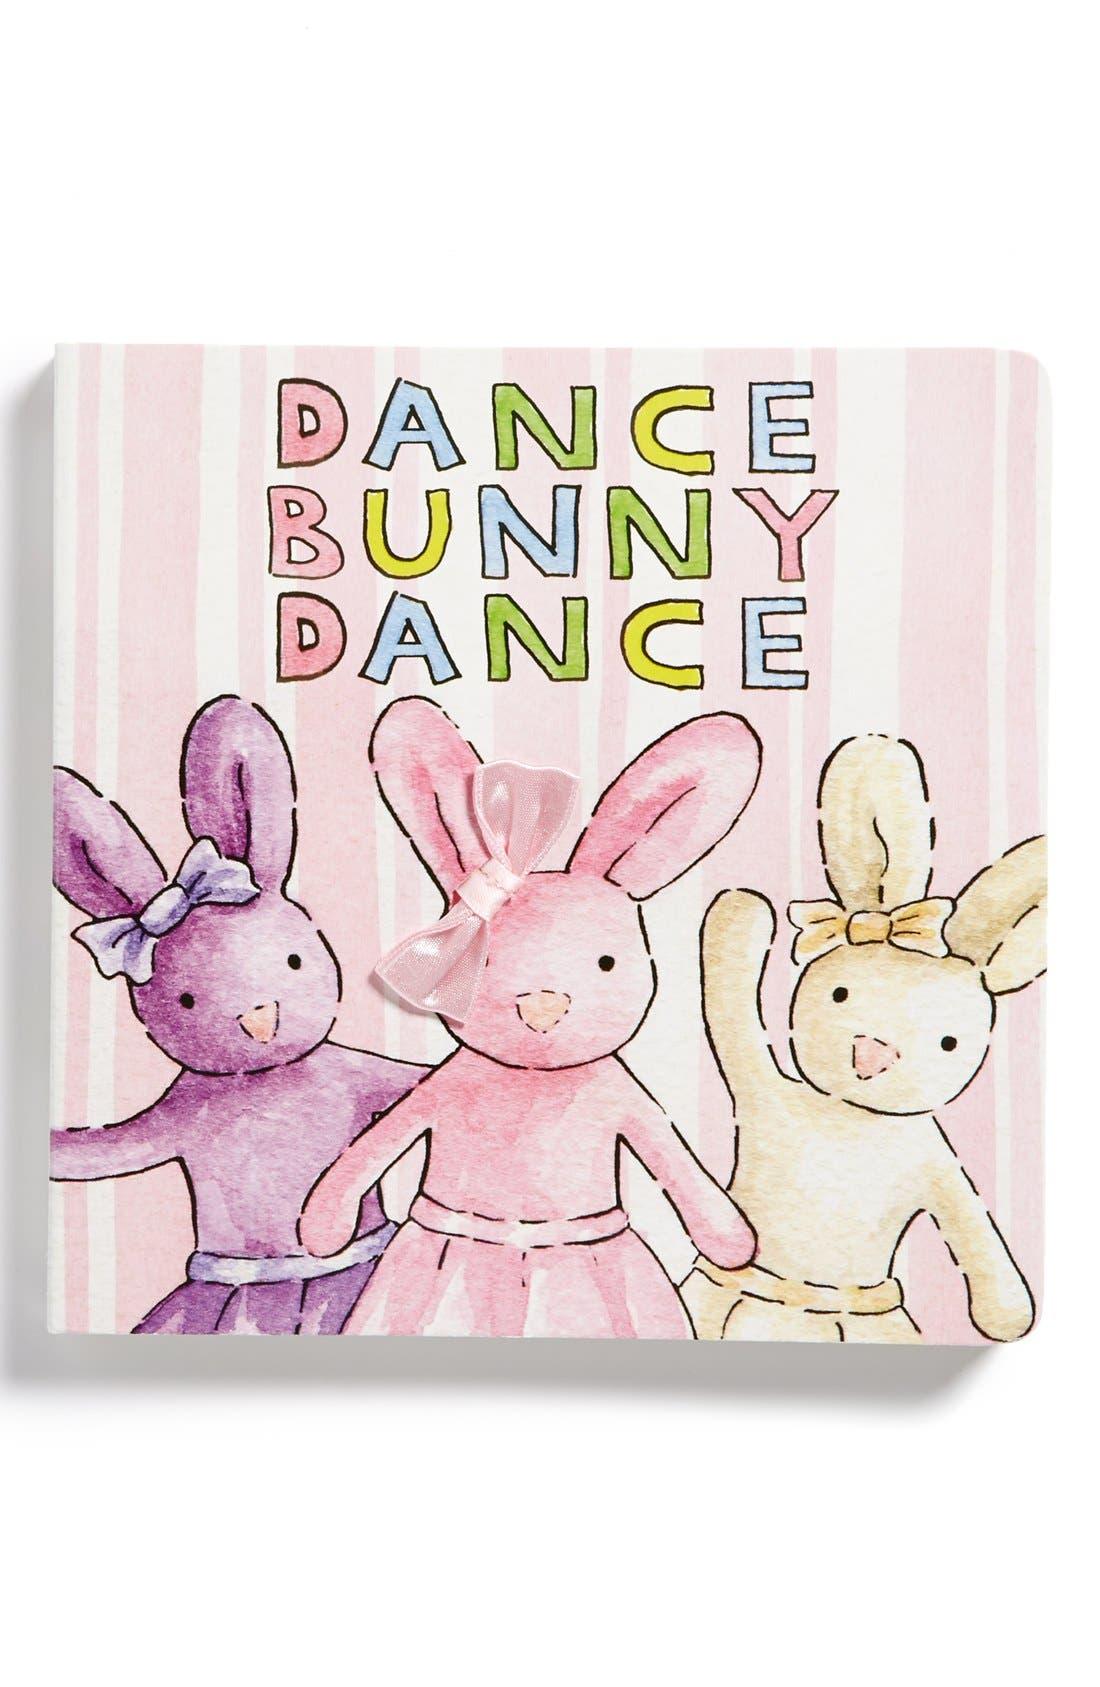 JELLYCAT 'Dance Bunny Dance' Book